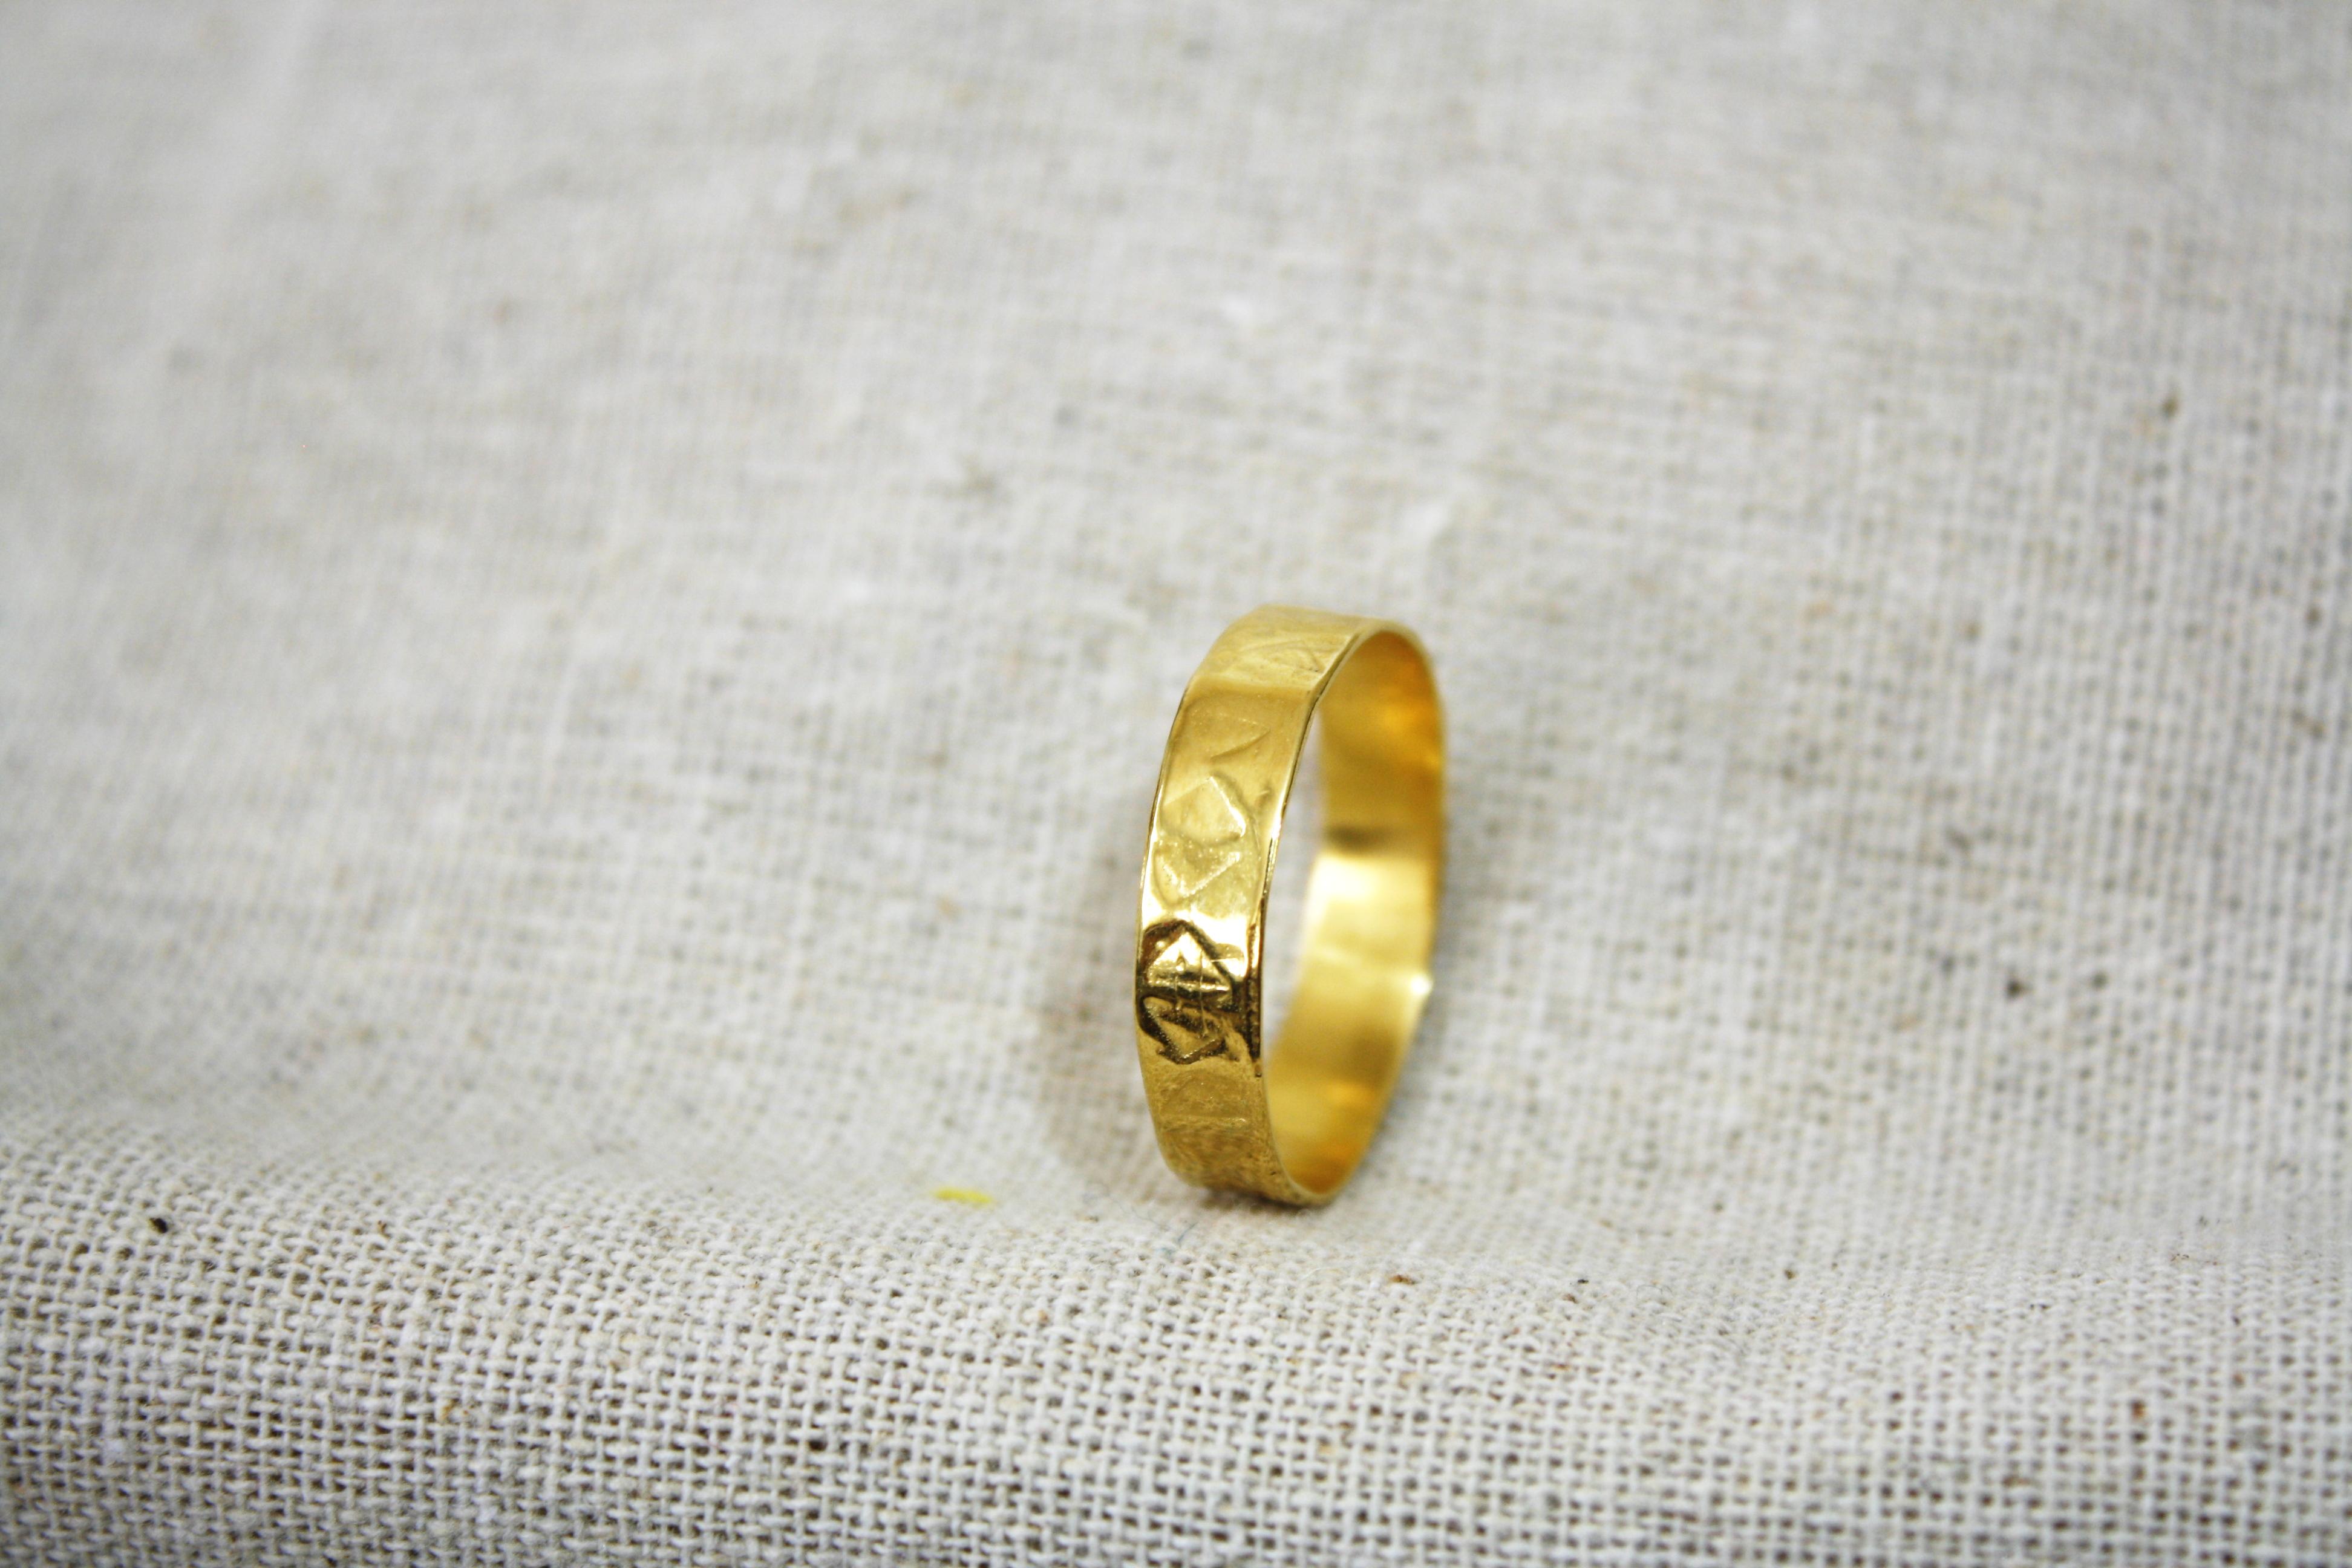 טבעת יורדי ים זהב